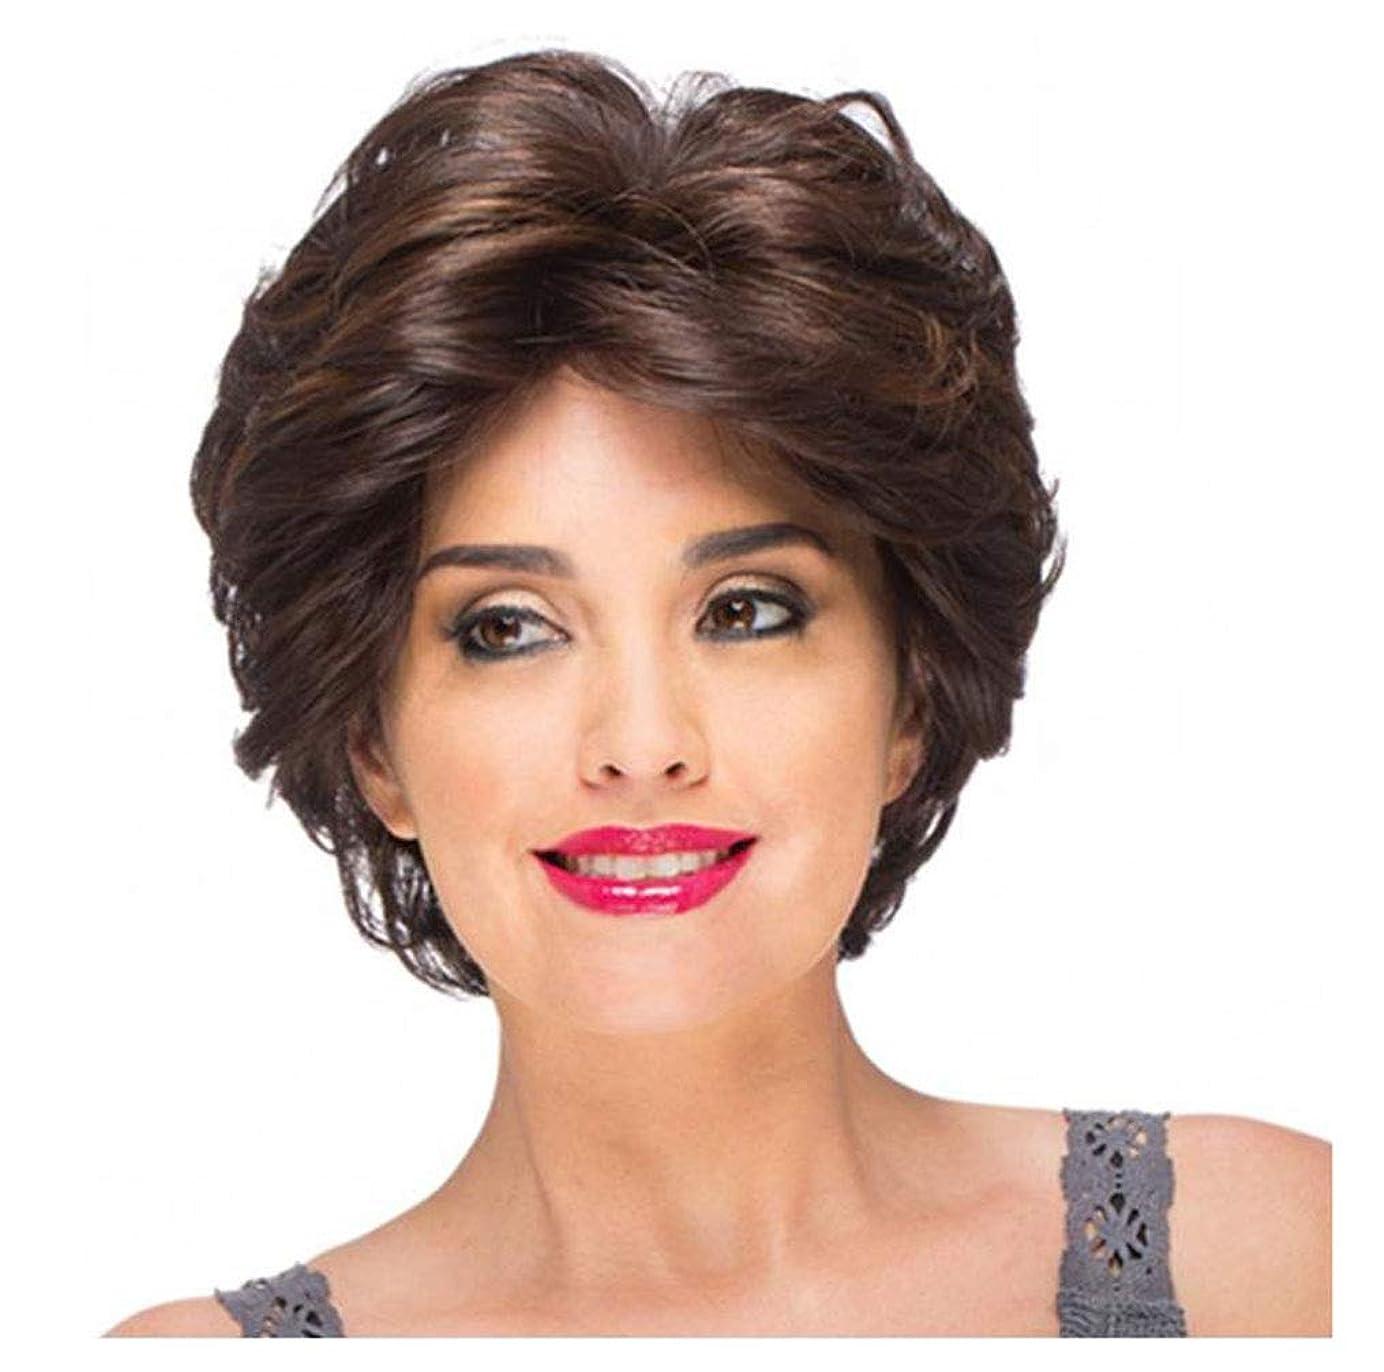 実業家シャベルピクニックかつら茶色ショートかつらヘアエクステンションストレート合成ボブ女性のかつら 130% 毎日の使用のための高密度のパーティーハロウィン